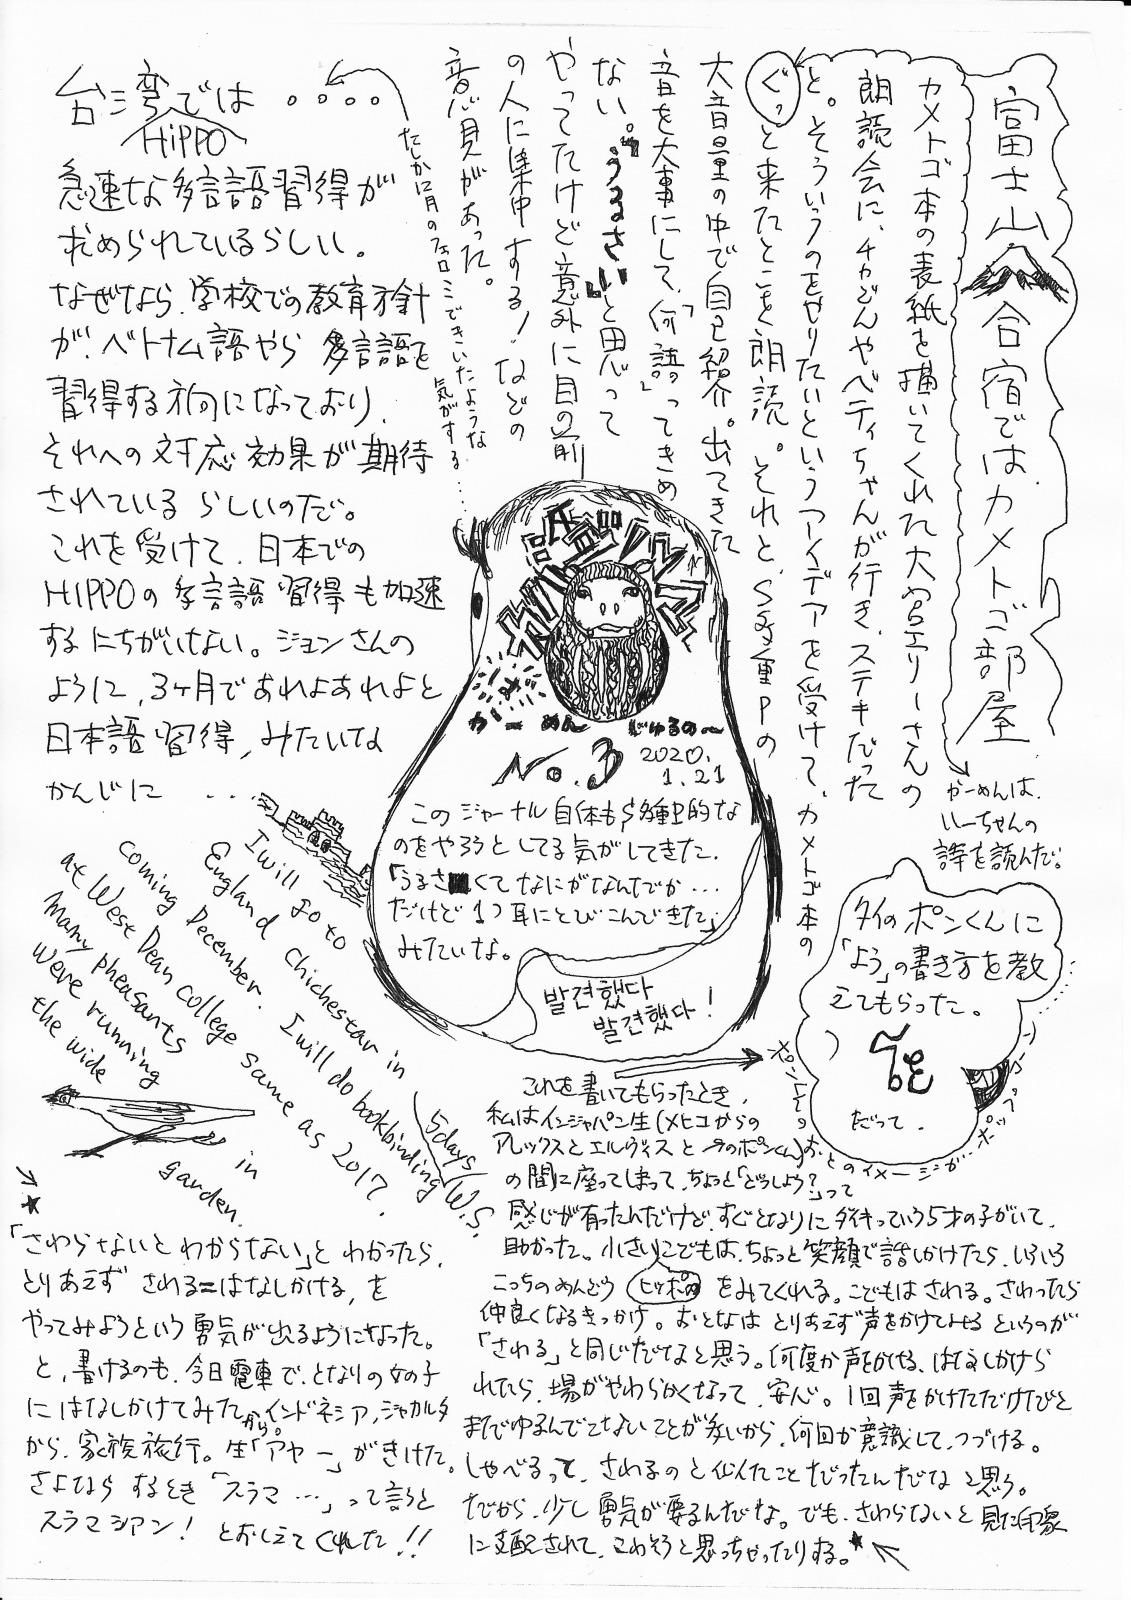 http://yoyamazaki.jp/blog/blog/%E3%81%B0%E3%81%8B%E3%83%BC%E3%82%81%E3%82%93%E3%81%98%E3%82%85%E3%82%8B%E3%81%AE3.jpg